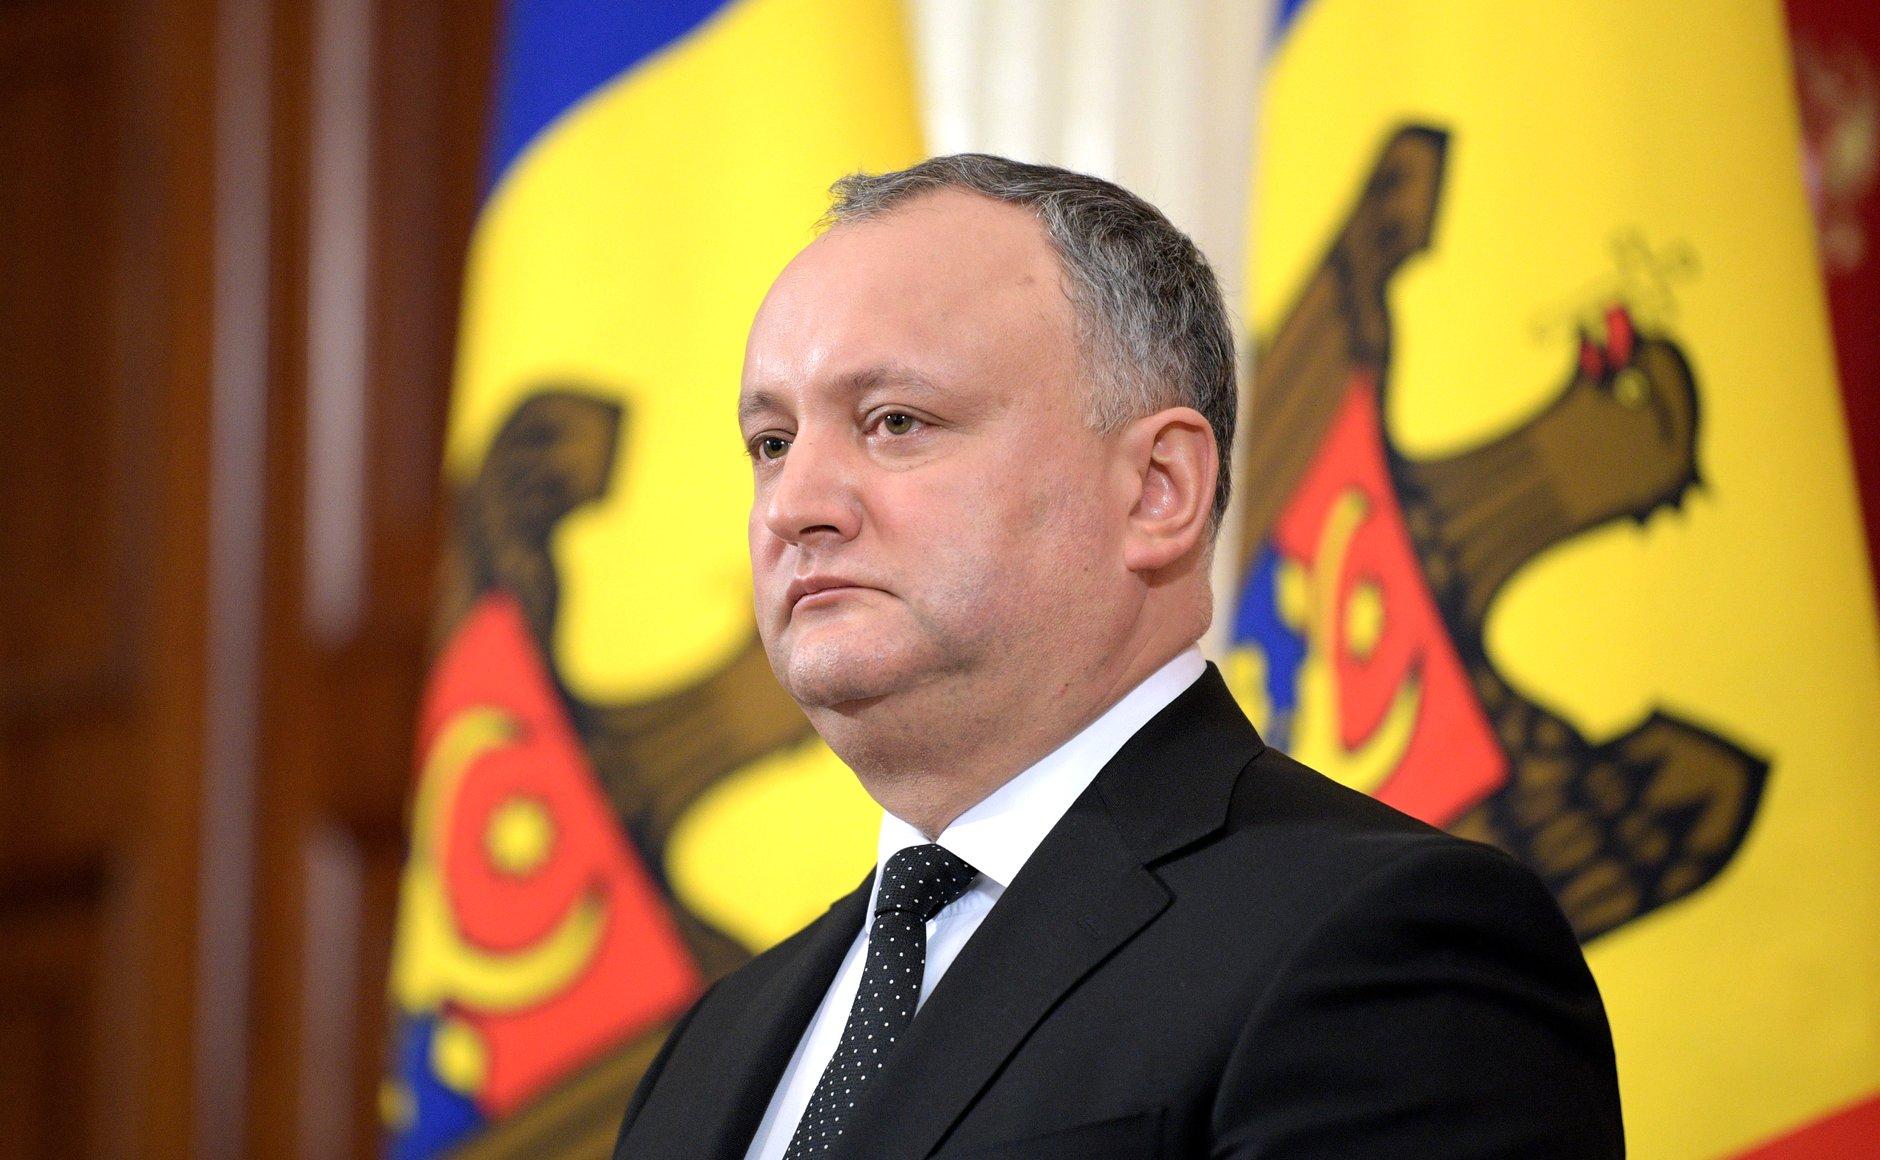 Chisinau. Liberalii vor sa il demita pe presedintele Dodon